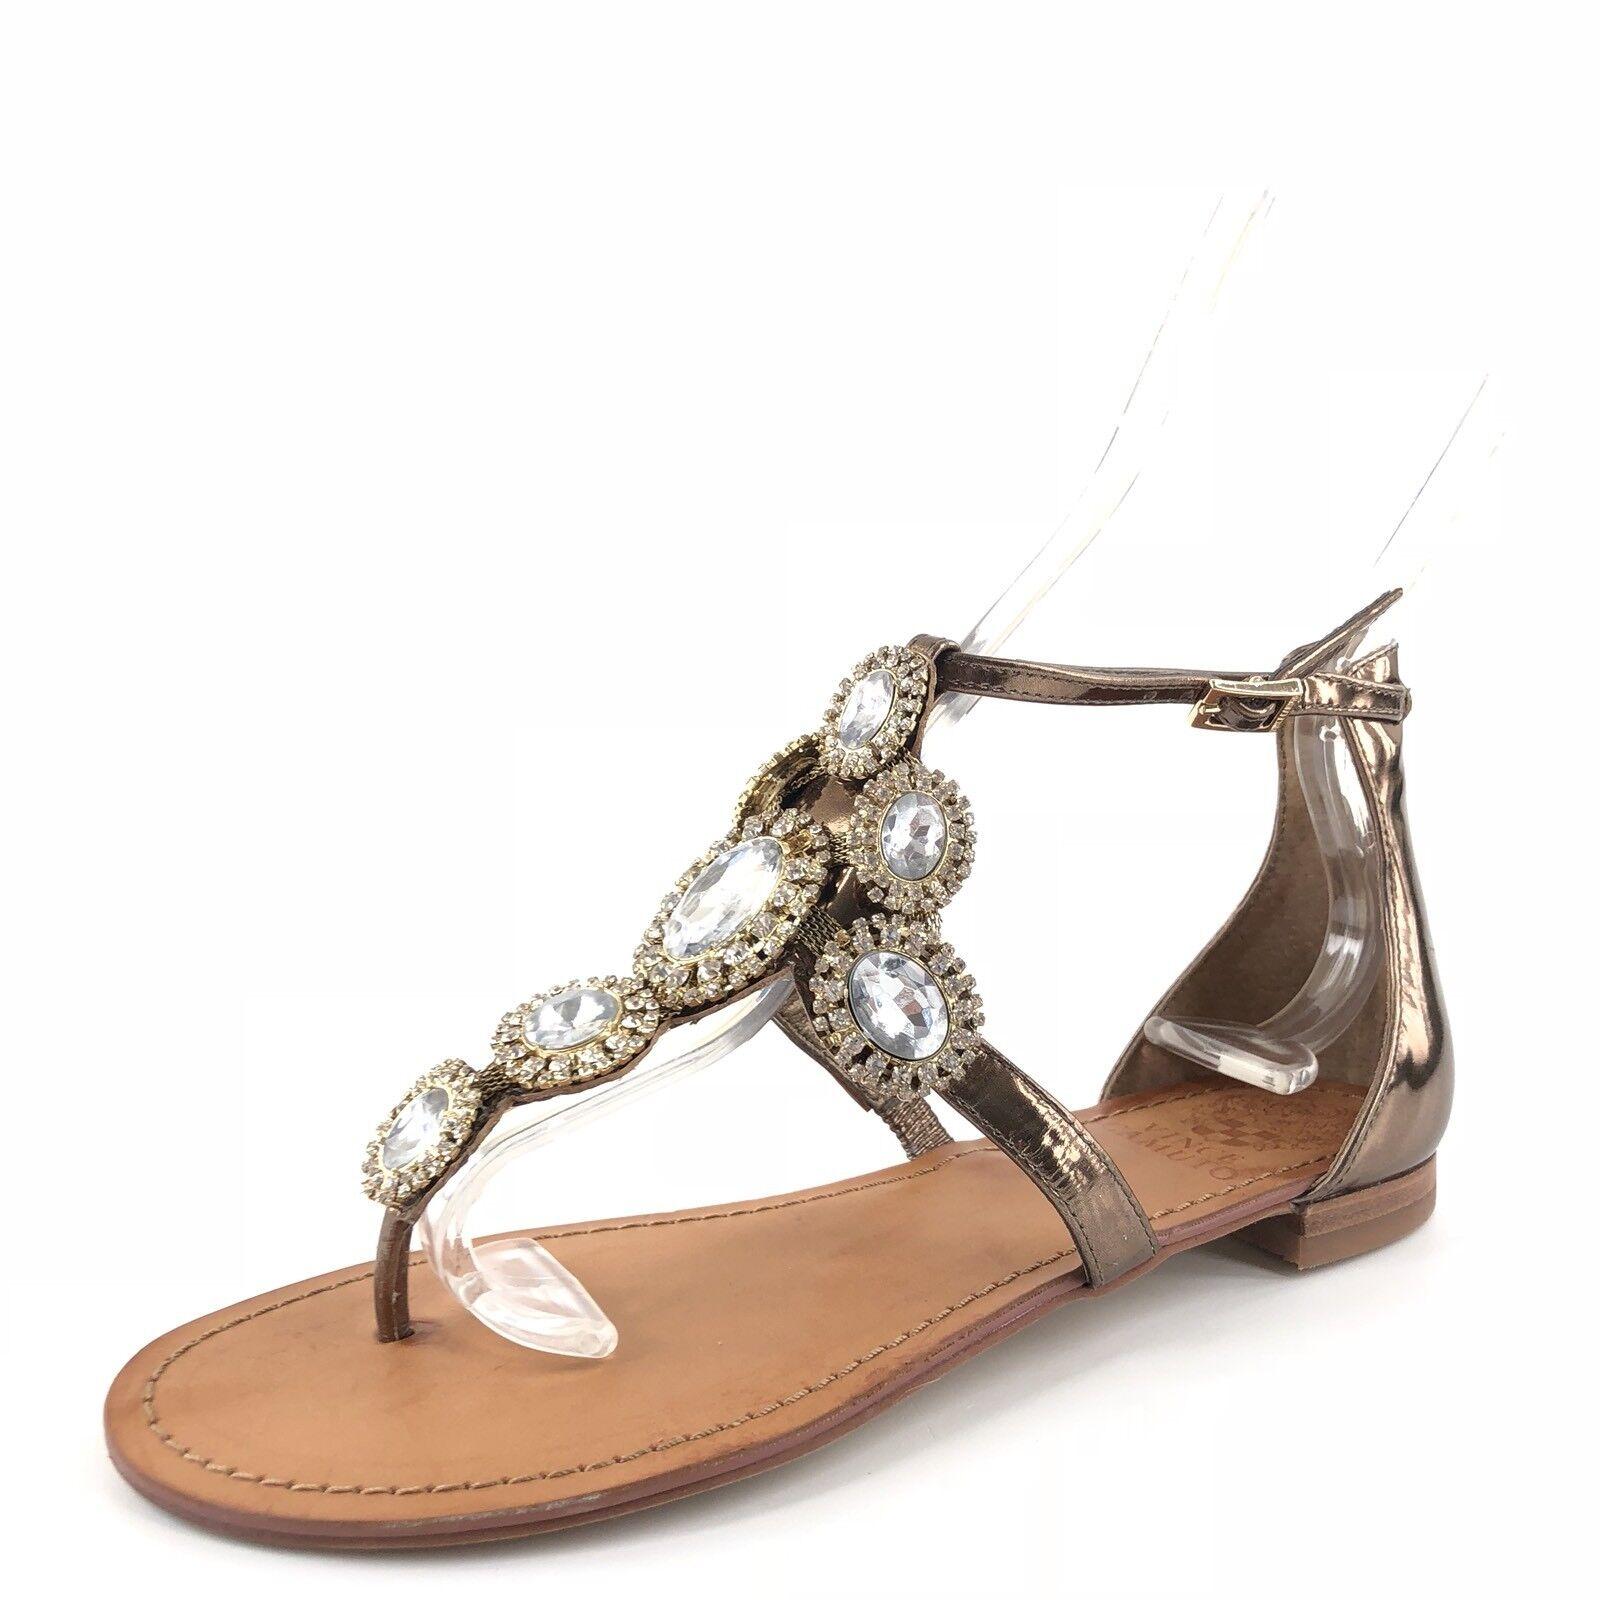 Vince Camuto Manelle Bronze Leder Jeweled T Strap Sandales Damens's Größe 6 M